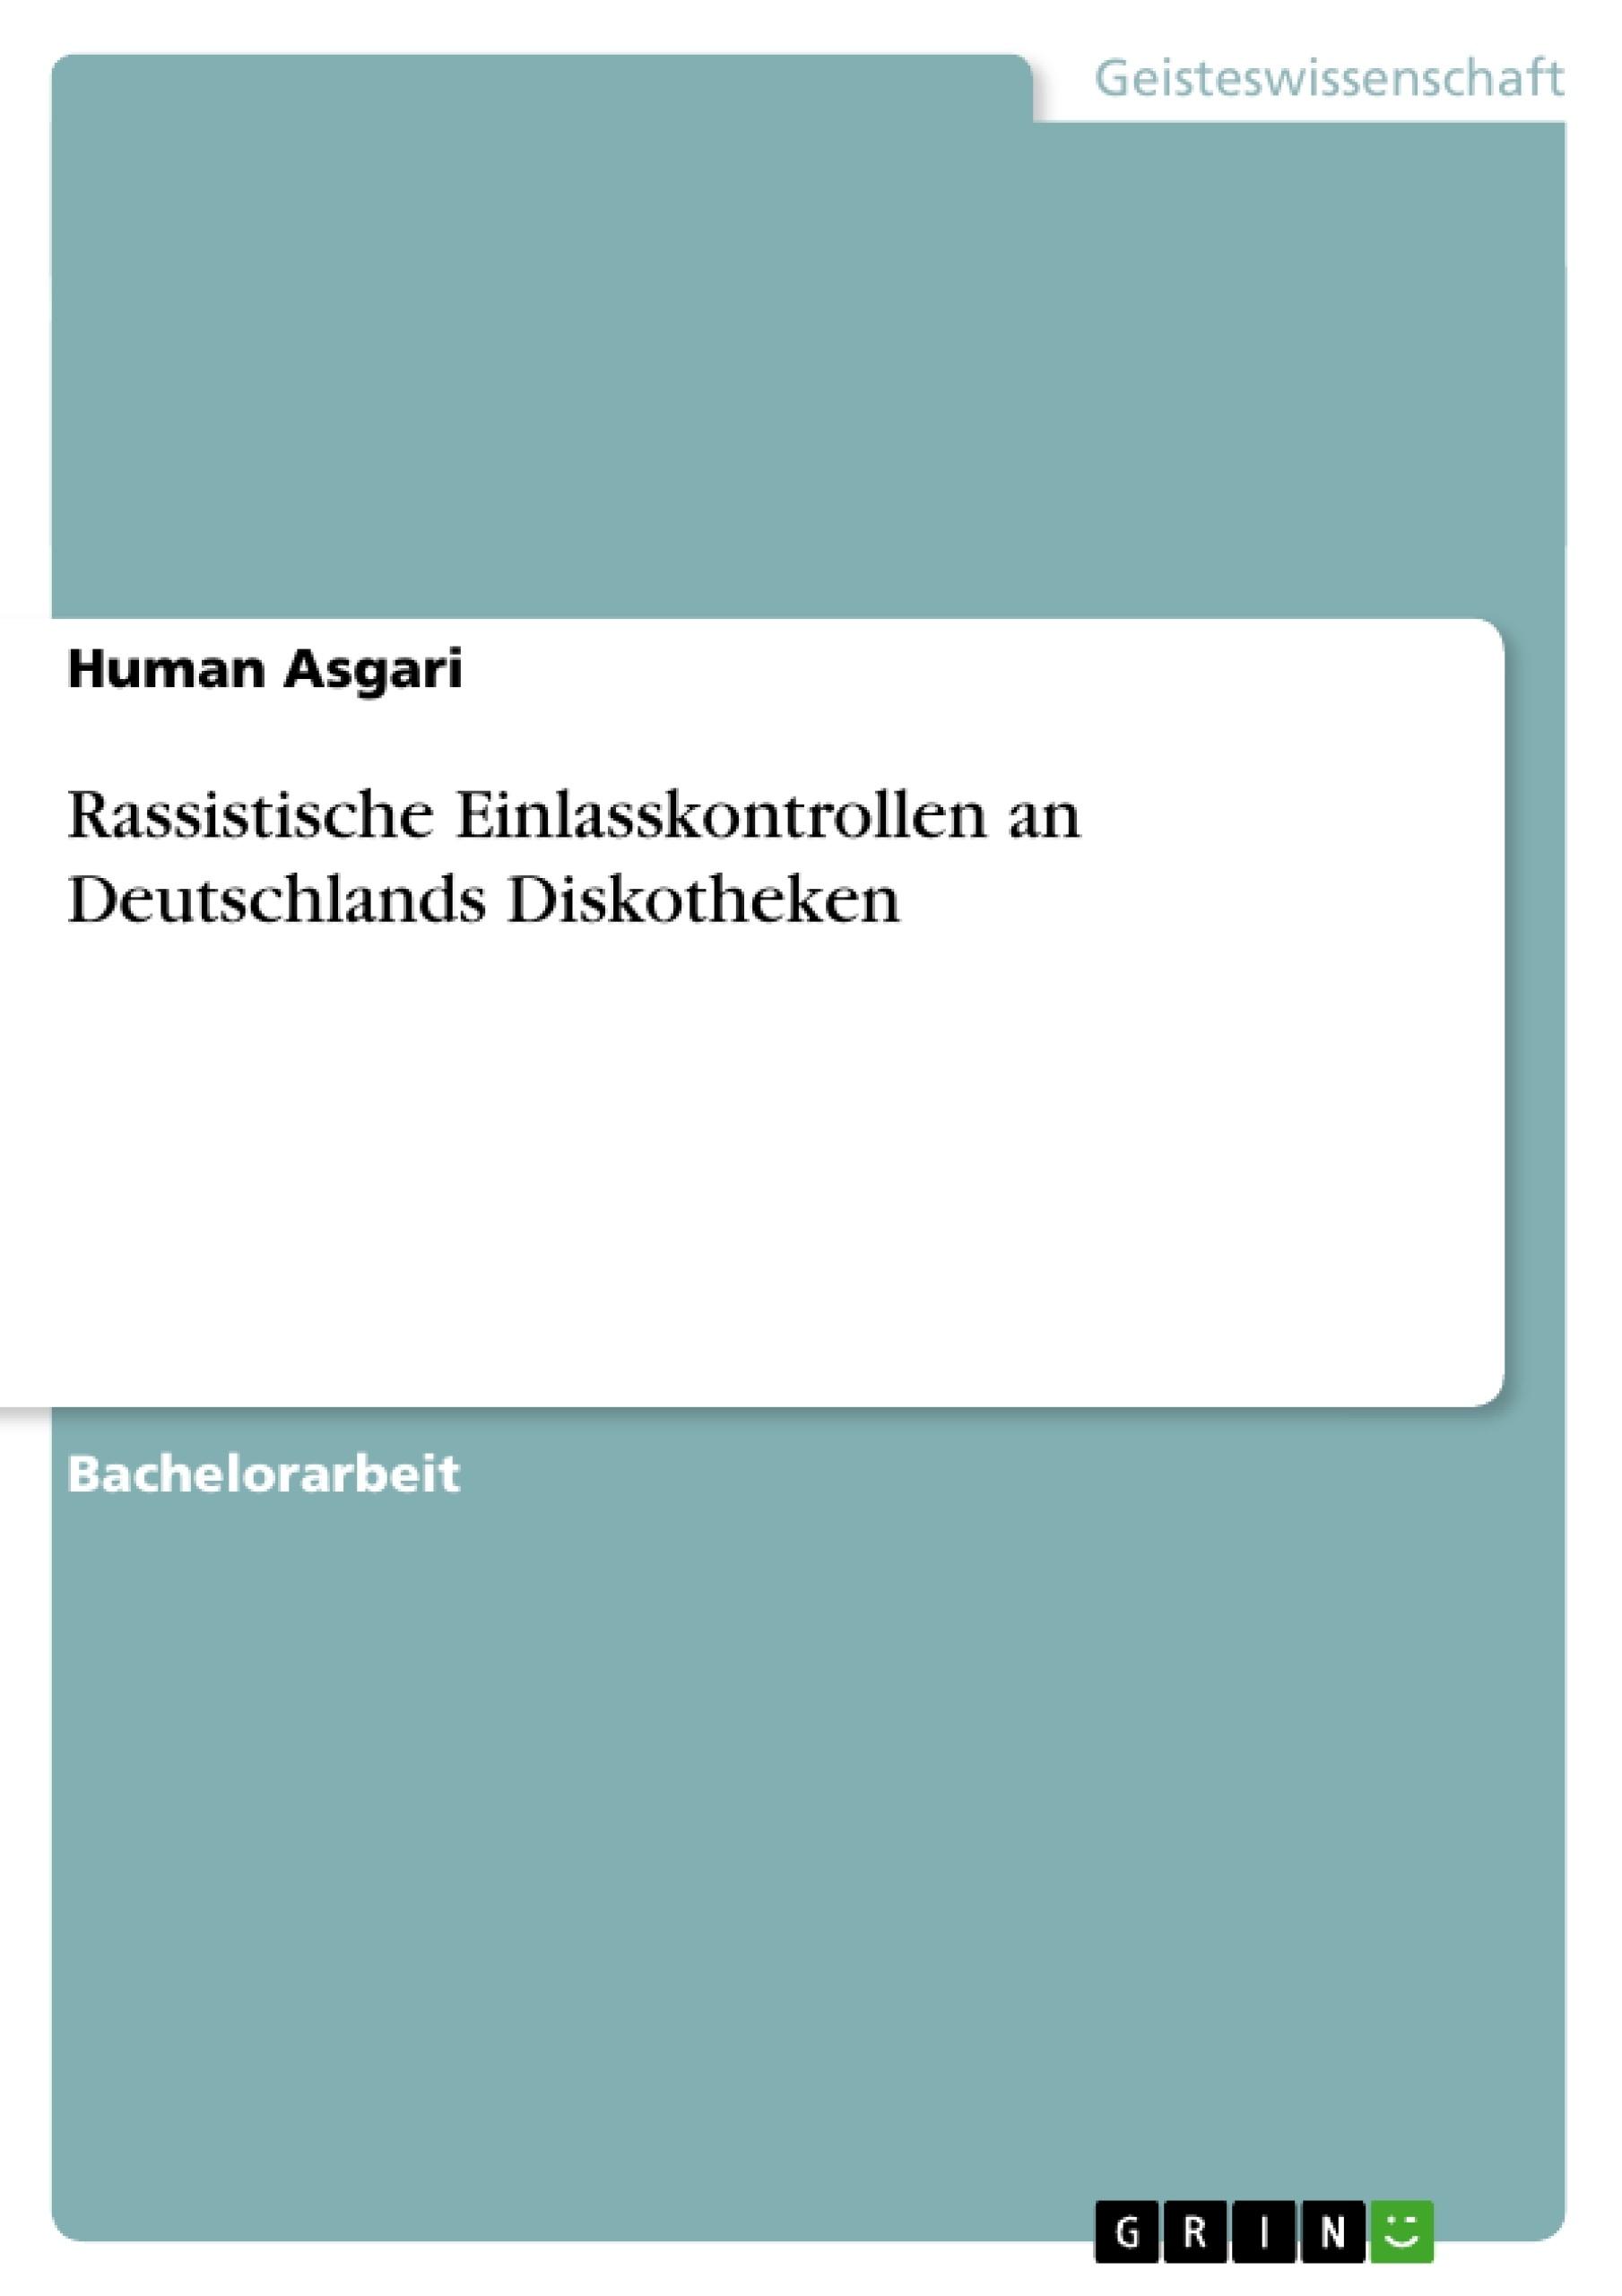 Titel: Rassistische Einlasskontrollen an Deutschlands Diskotheken